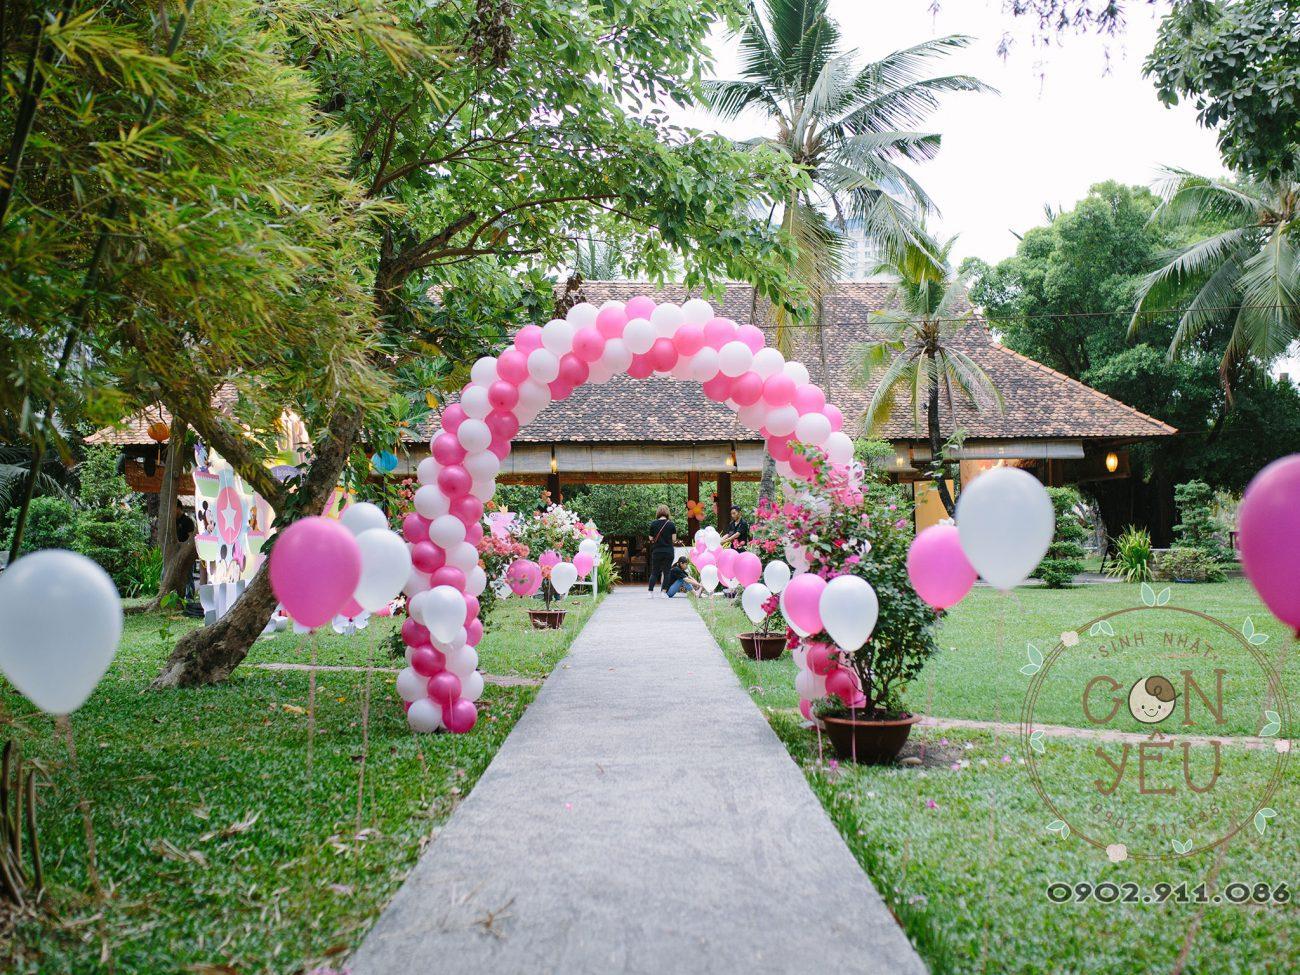 Cổng bong bóng màu hồng trắng trang trí thôi nôi bé